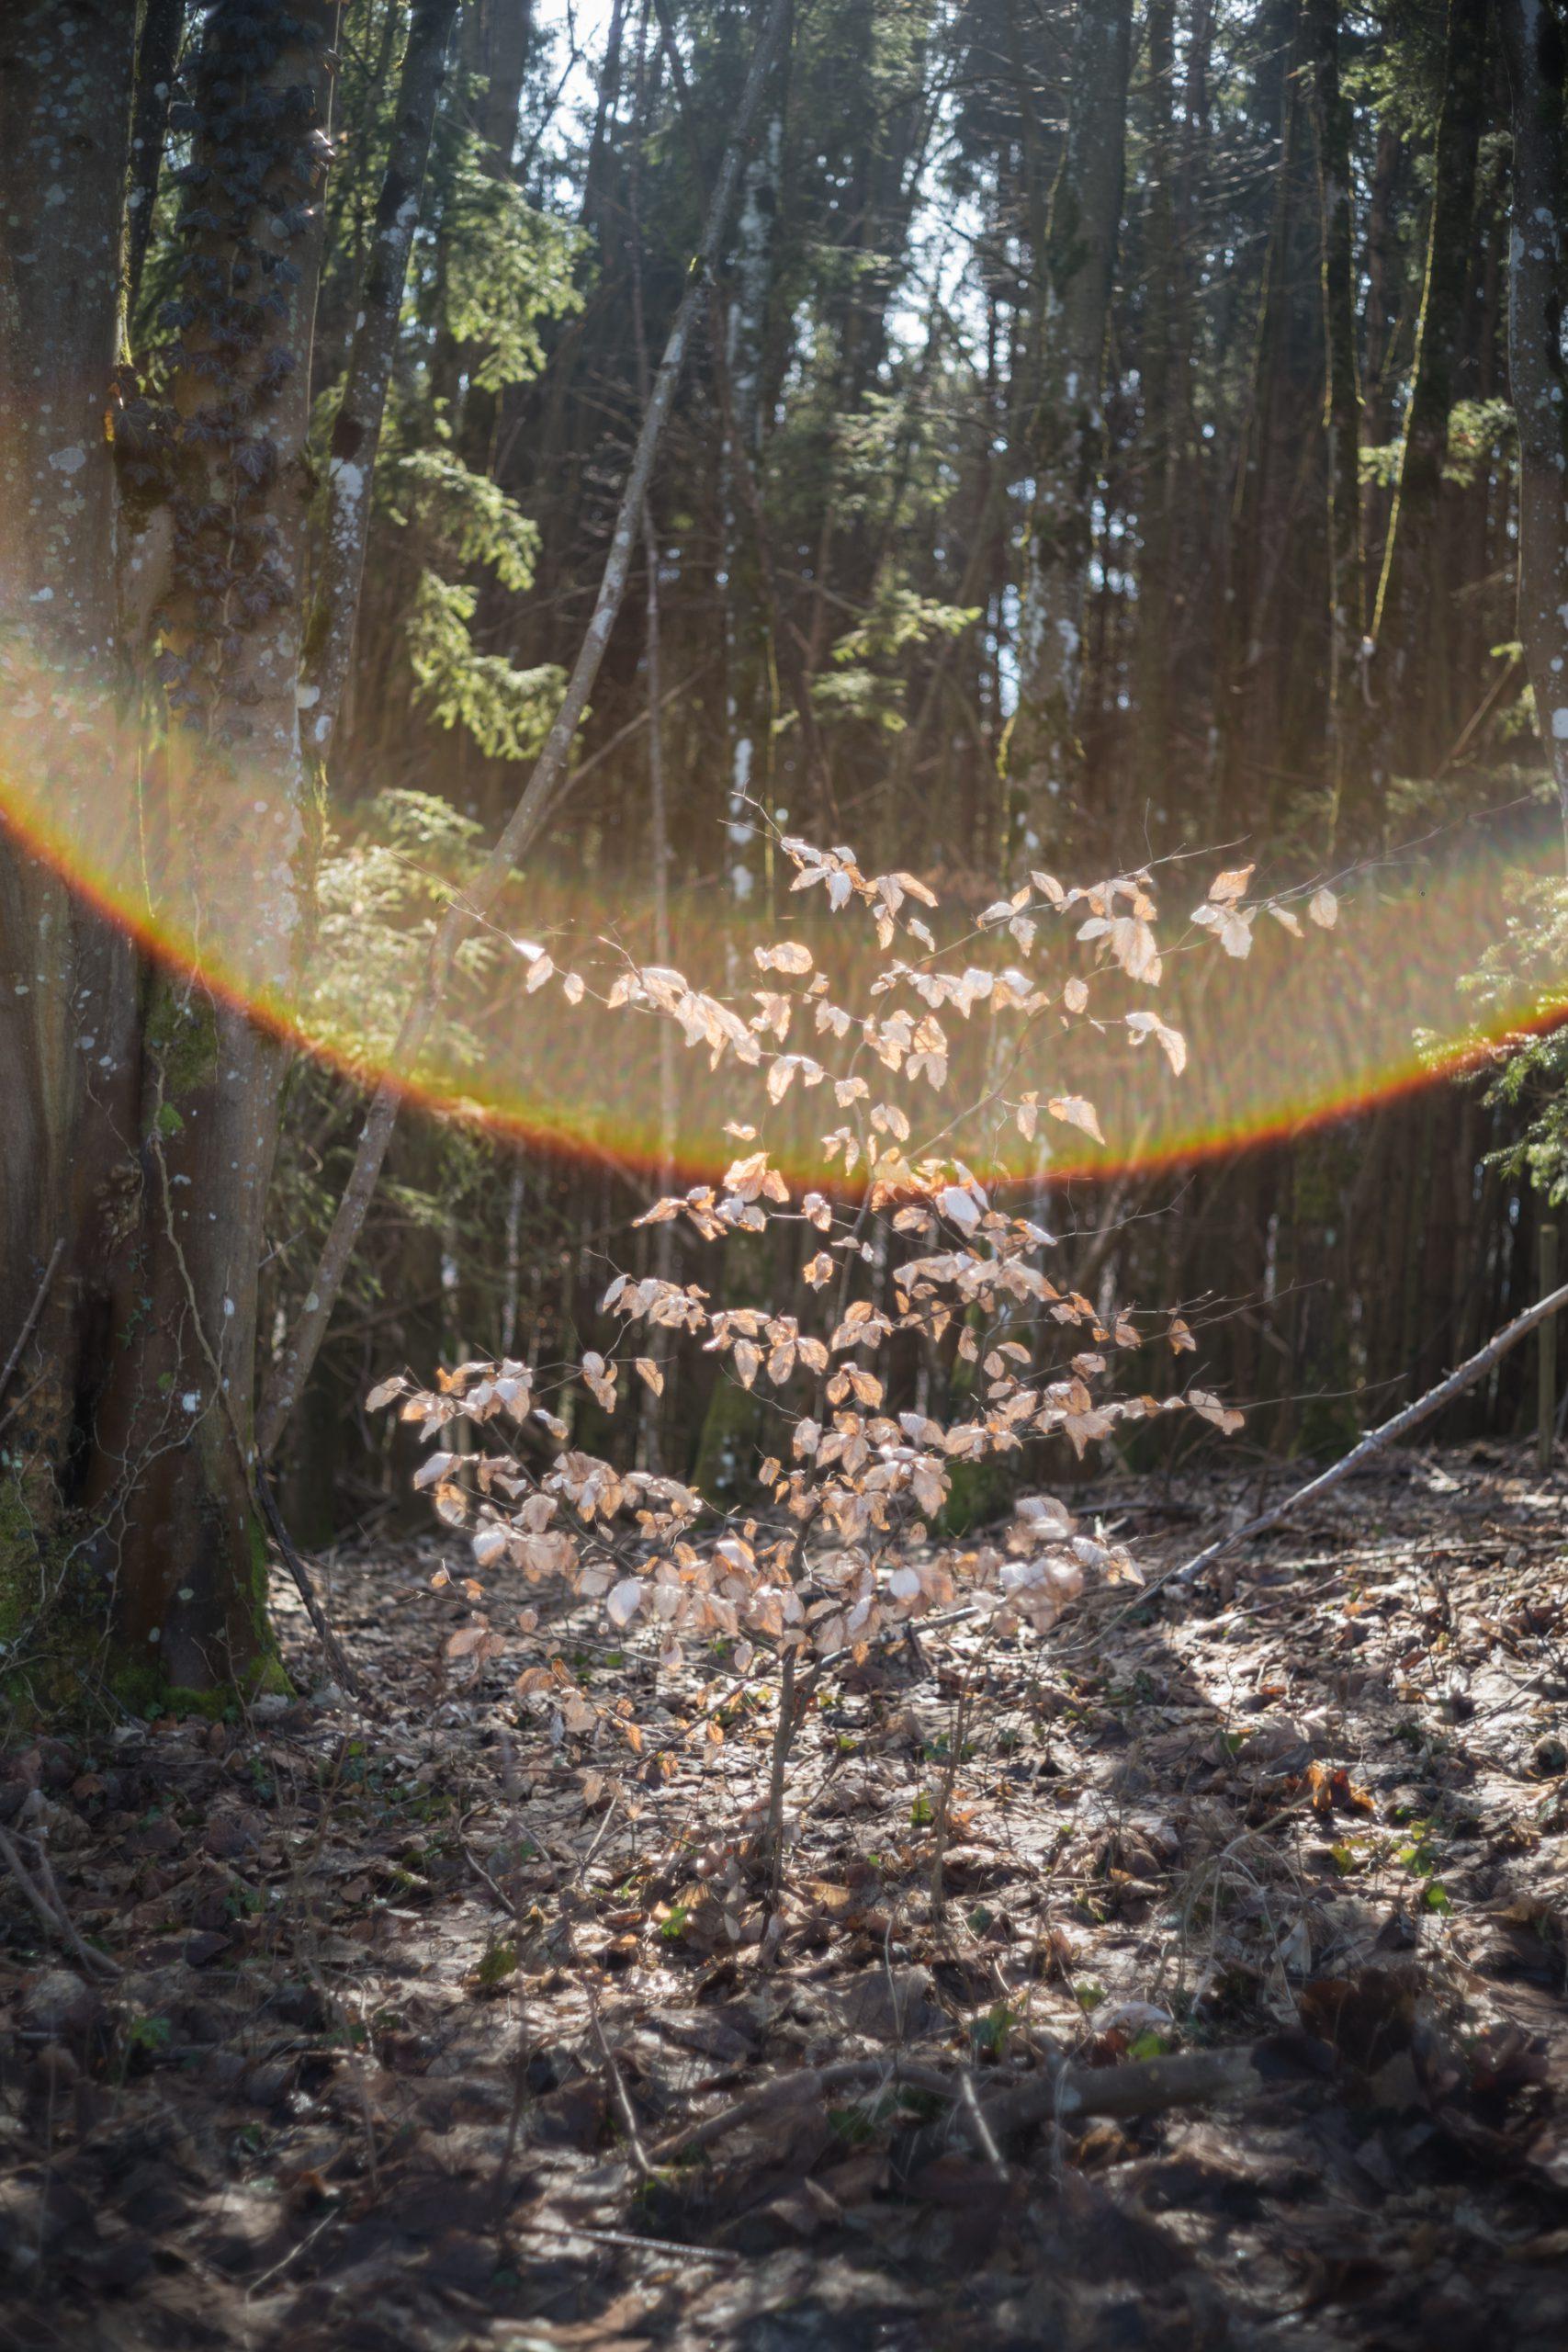 Wenn die Sonne fies reinscheint, kann aber auch so etwas passieren: Starke Flares, wie man sie bei einem Objektiv, das im Kern aus den 1970er Jahren stammt, nie ausschließen kann. Minolta M-Rokkor 40/2 an Leica M10, leichte Korrekturen in Lightroom